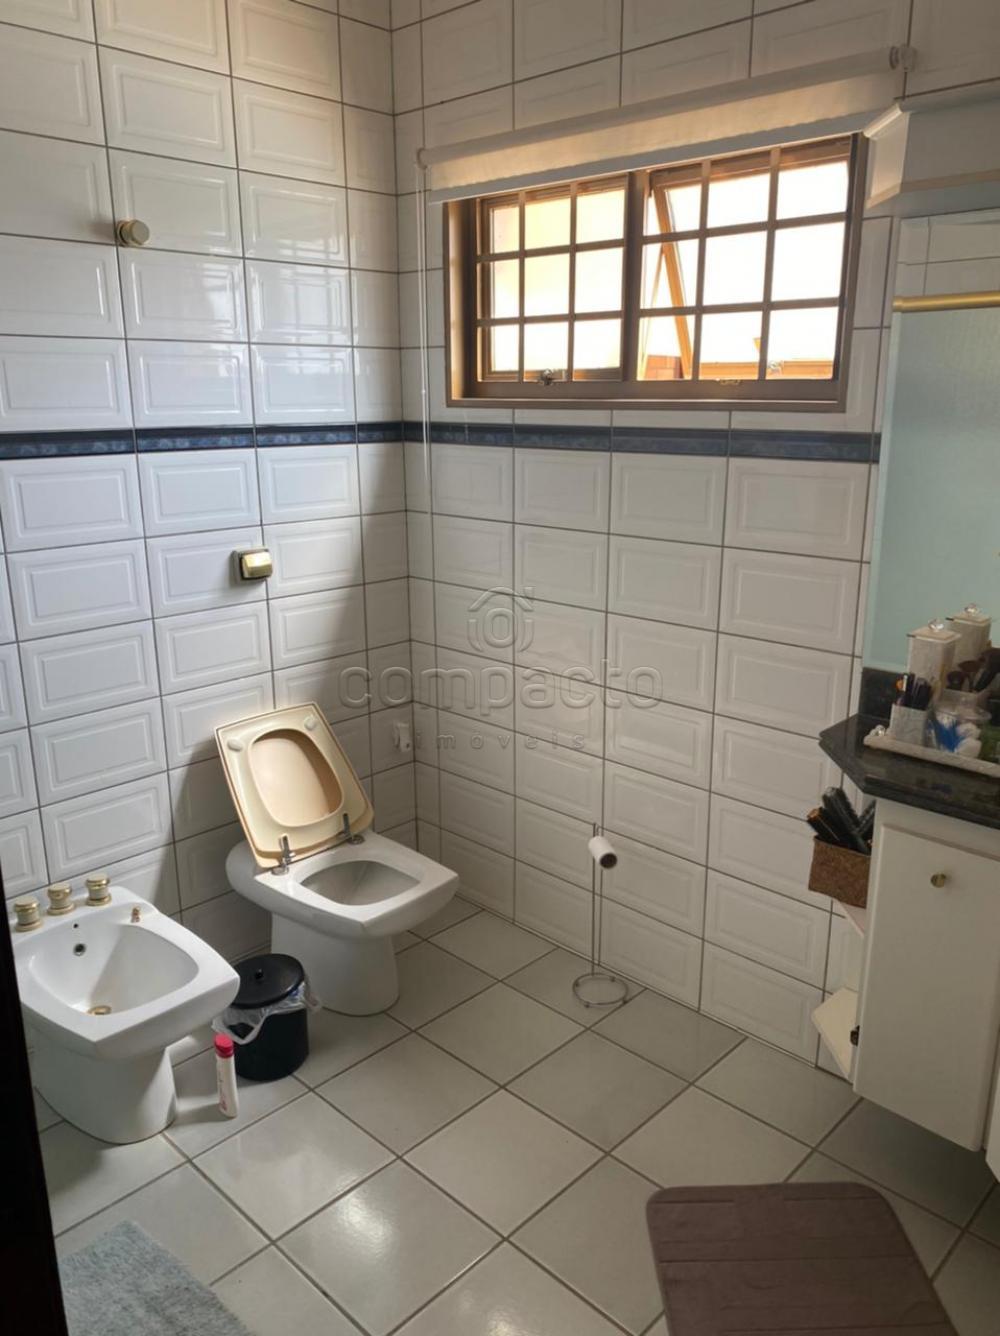 Comprar Casa / Padrão em São José do Rio Preto apenas R$ 1.200.000,00 - Foto 17